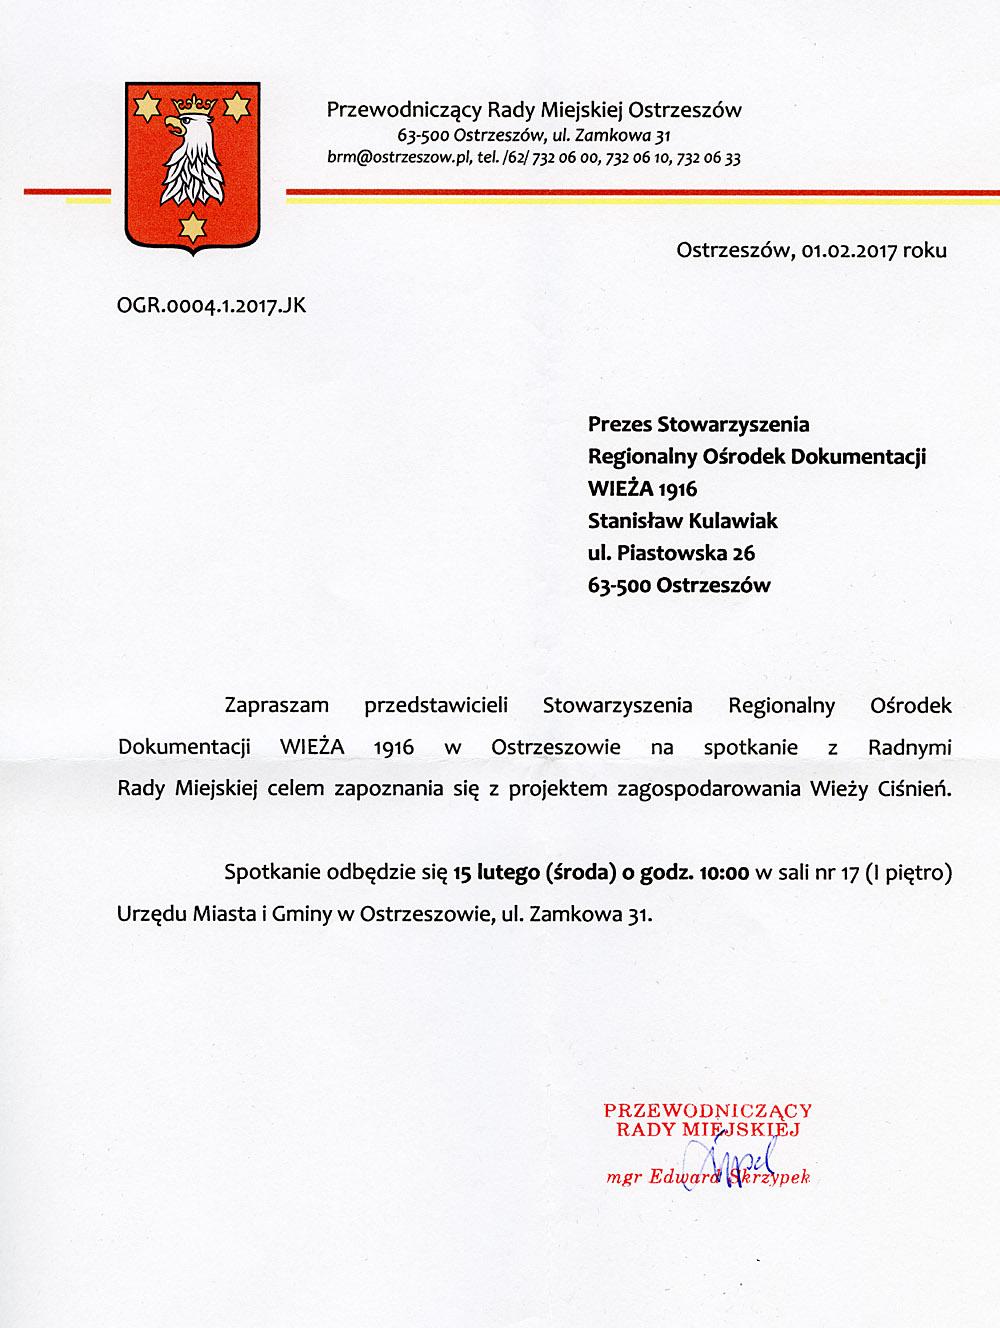 rod_rada_spotkanie_15luty2017